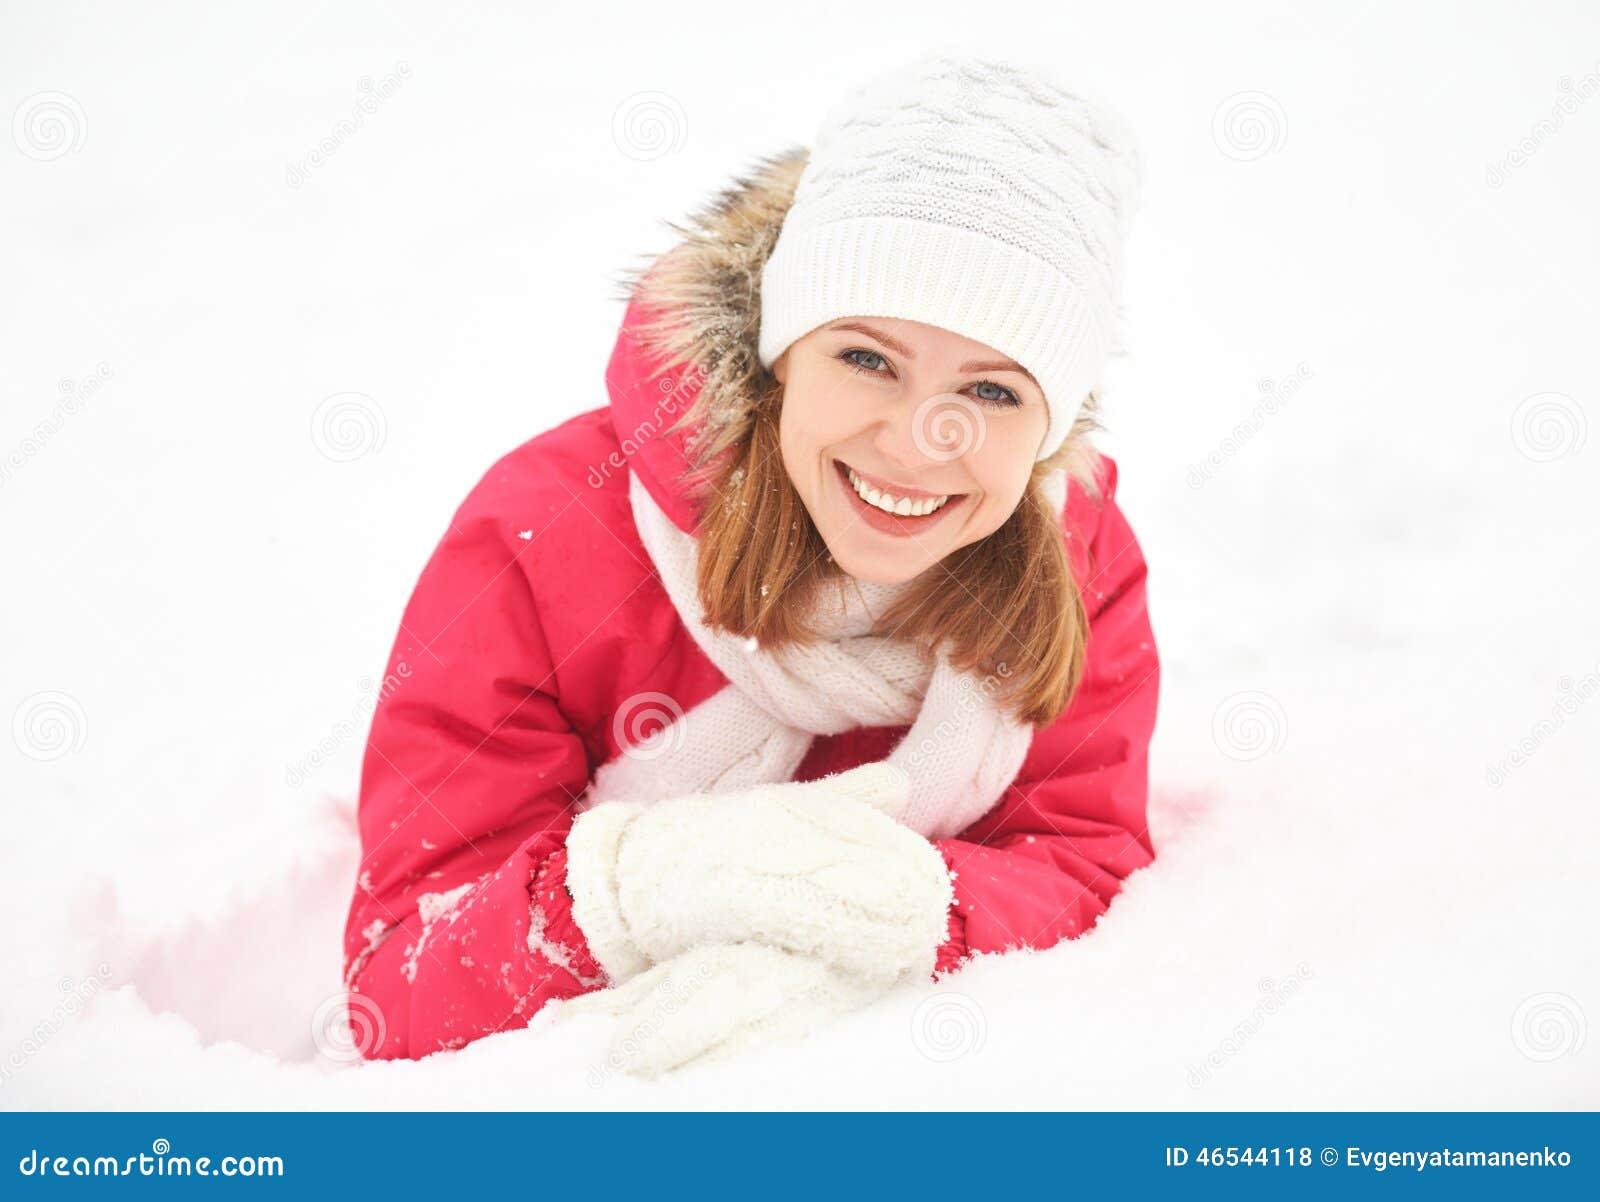 Den lyckliga flickan skrattar, medan ligga på den insnöade vintern utomhus